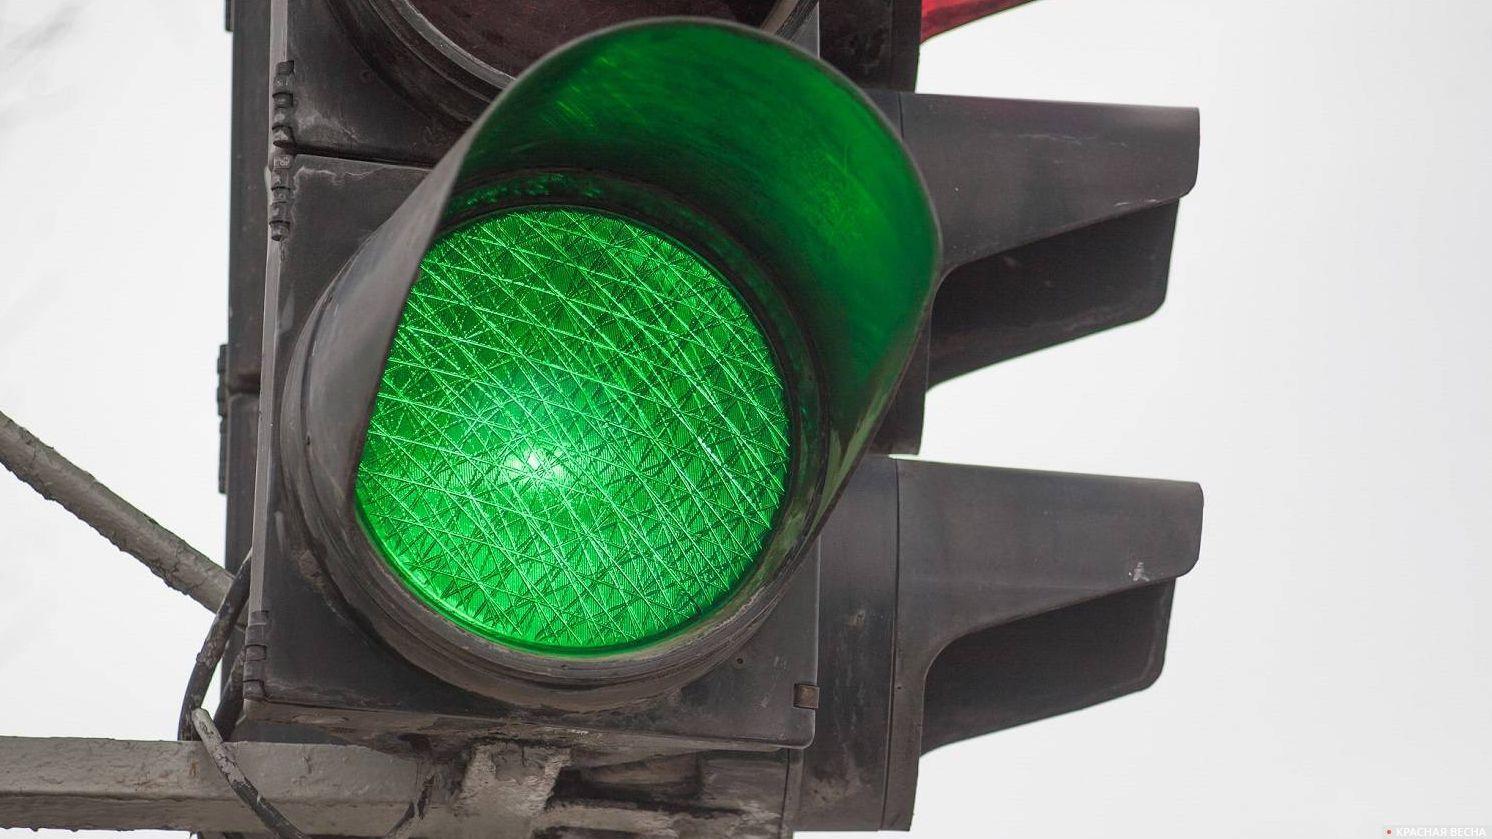 Штраф за проезд на зелёный свет – это реальность